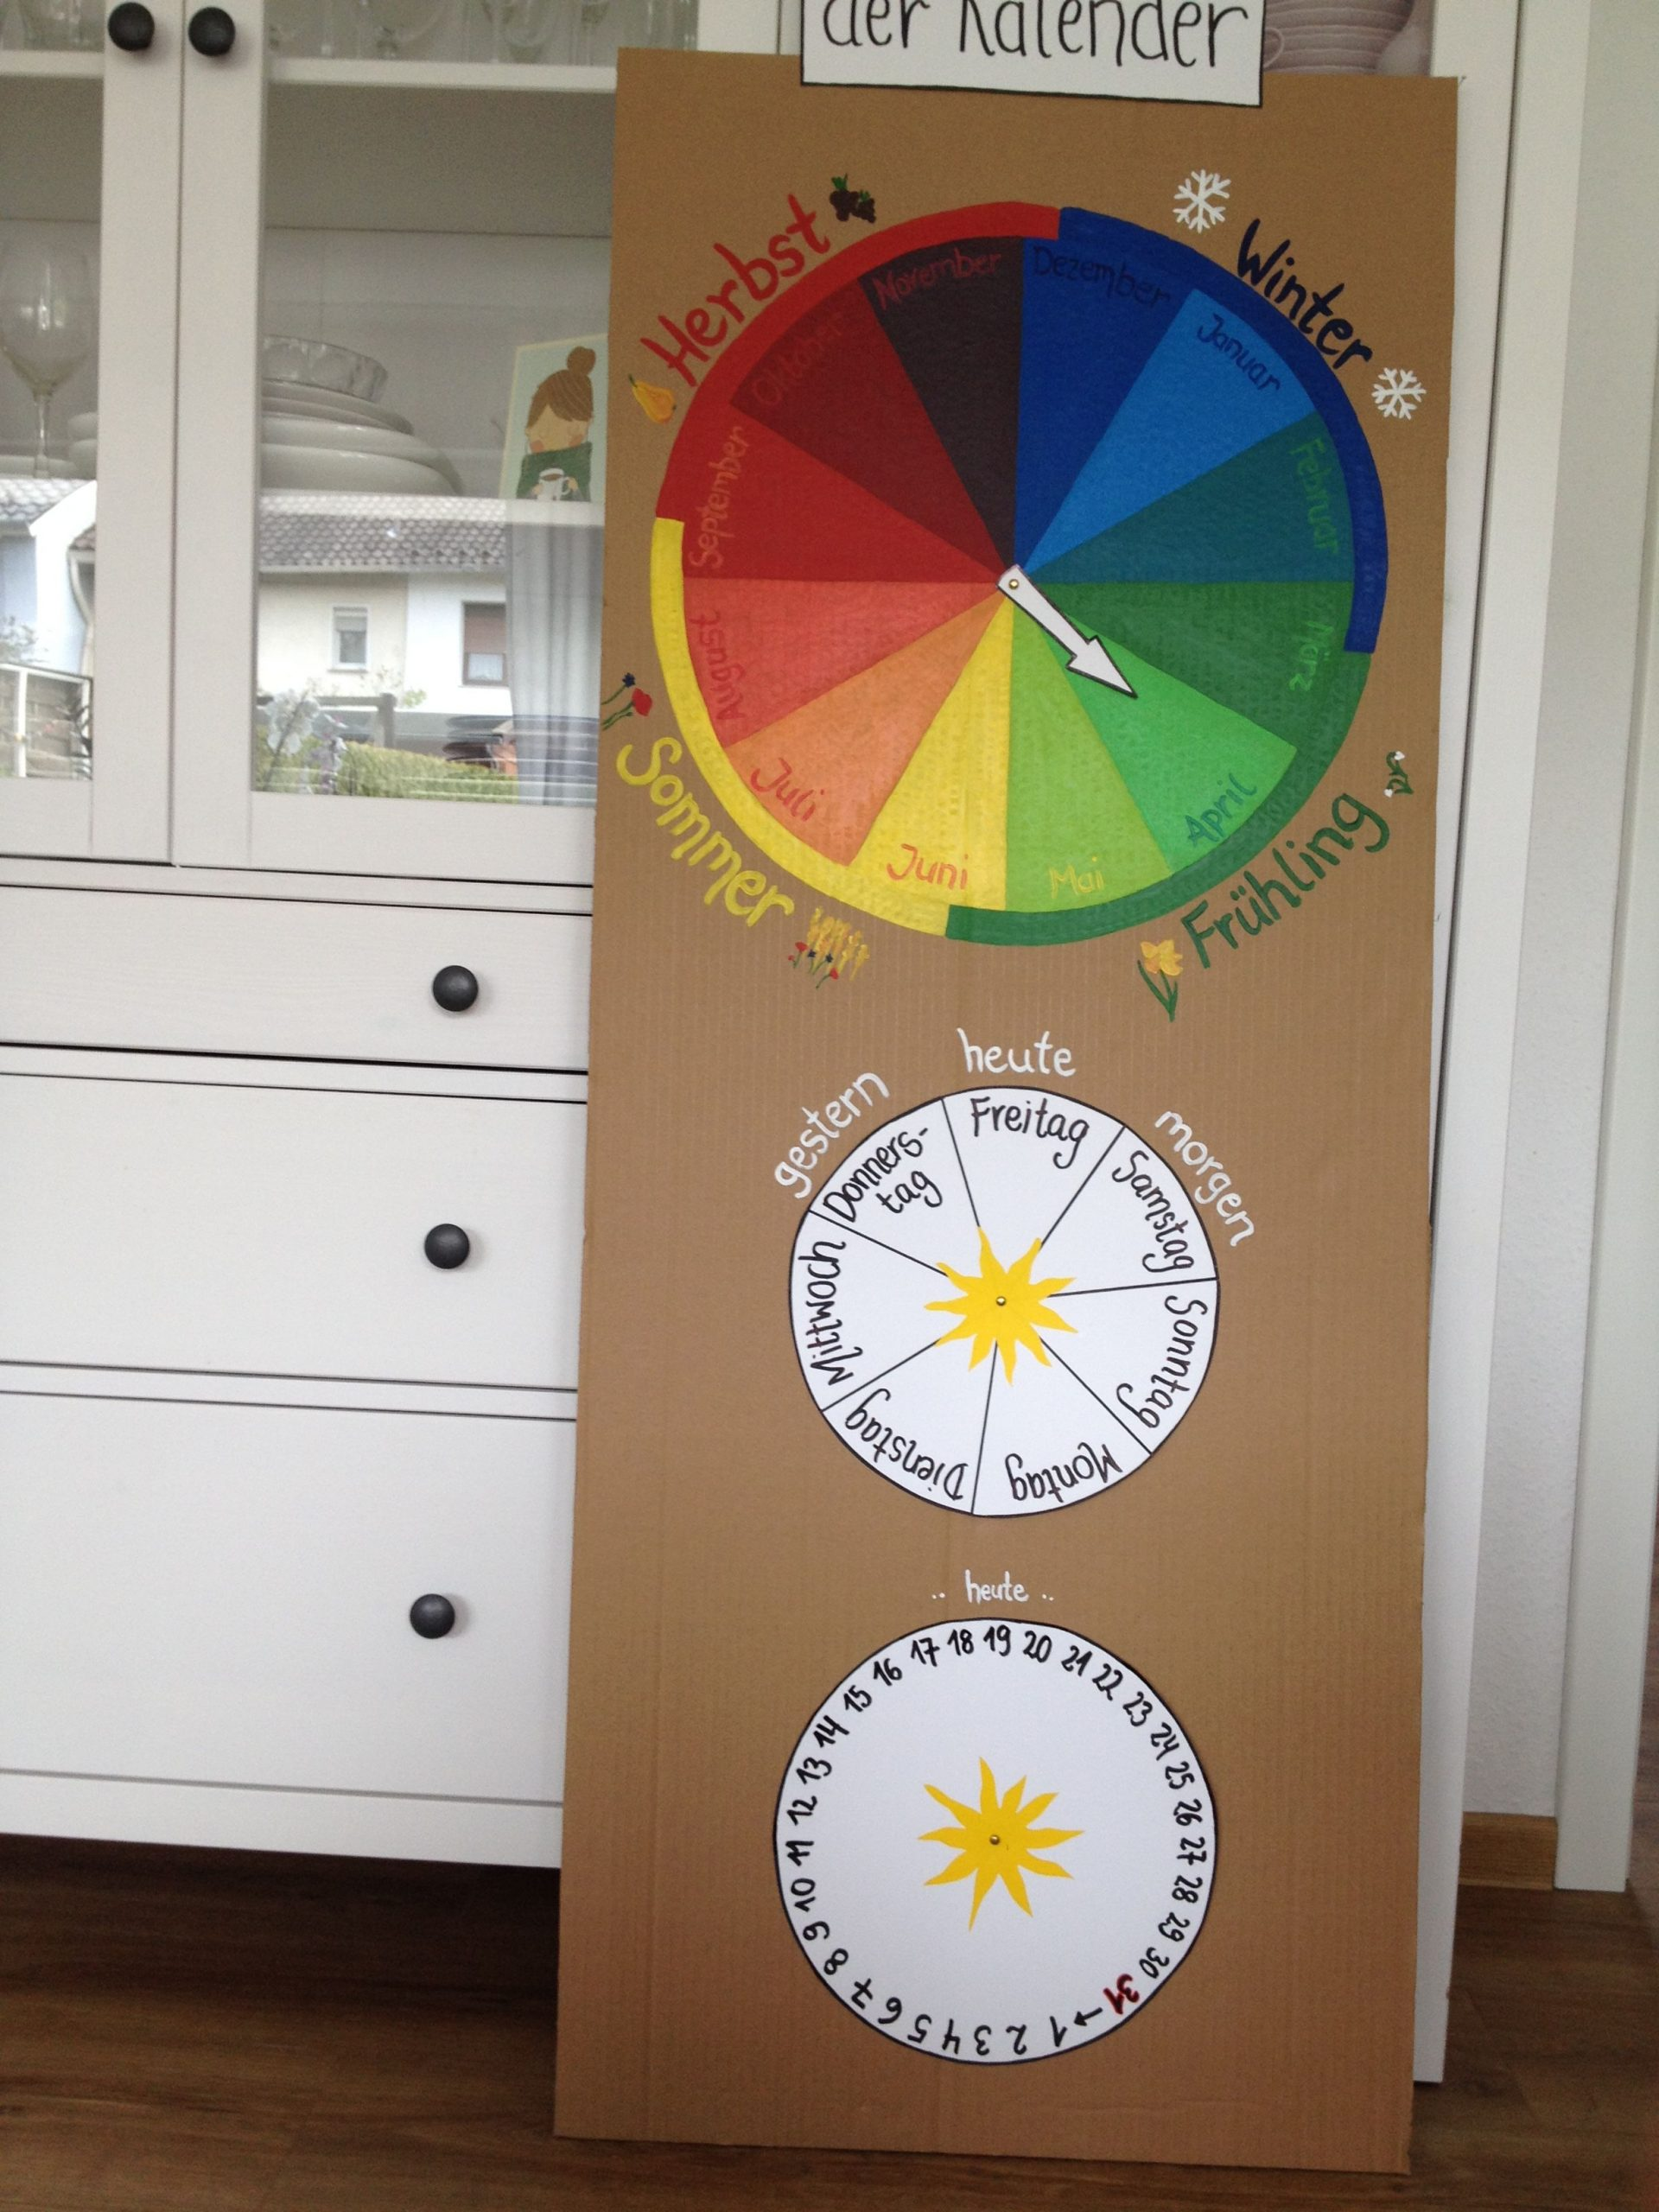 Jahresuhr Kalender Kinder Und Schule | Kalender Für Kinder bei Kalender Kindergarten